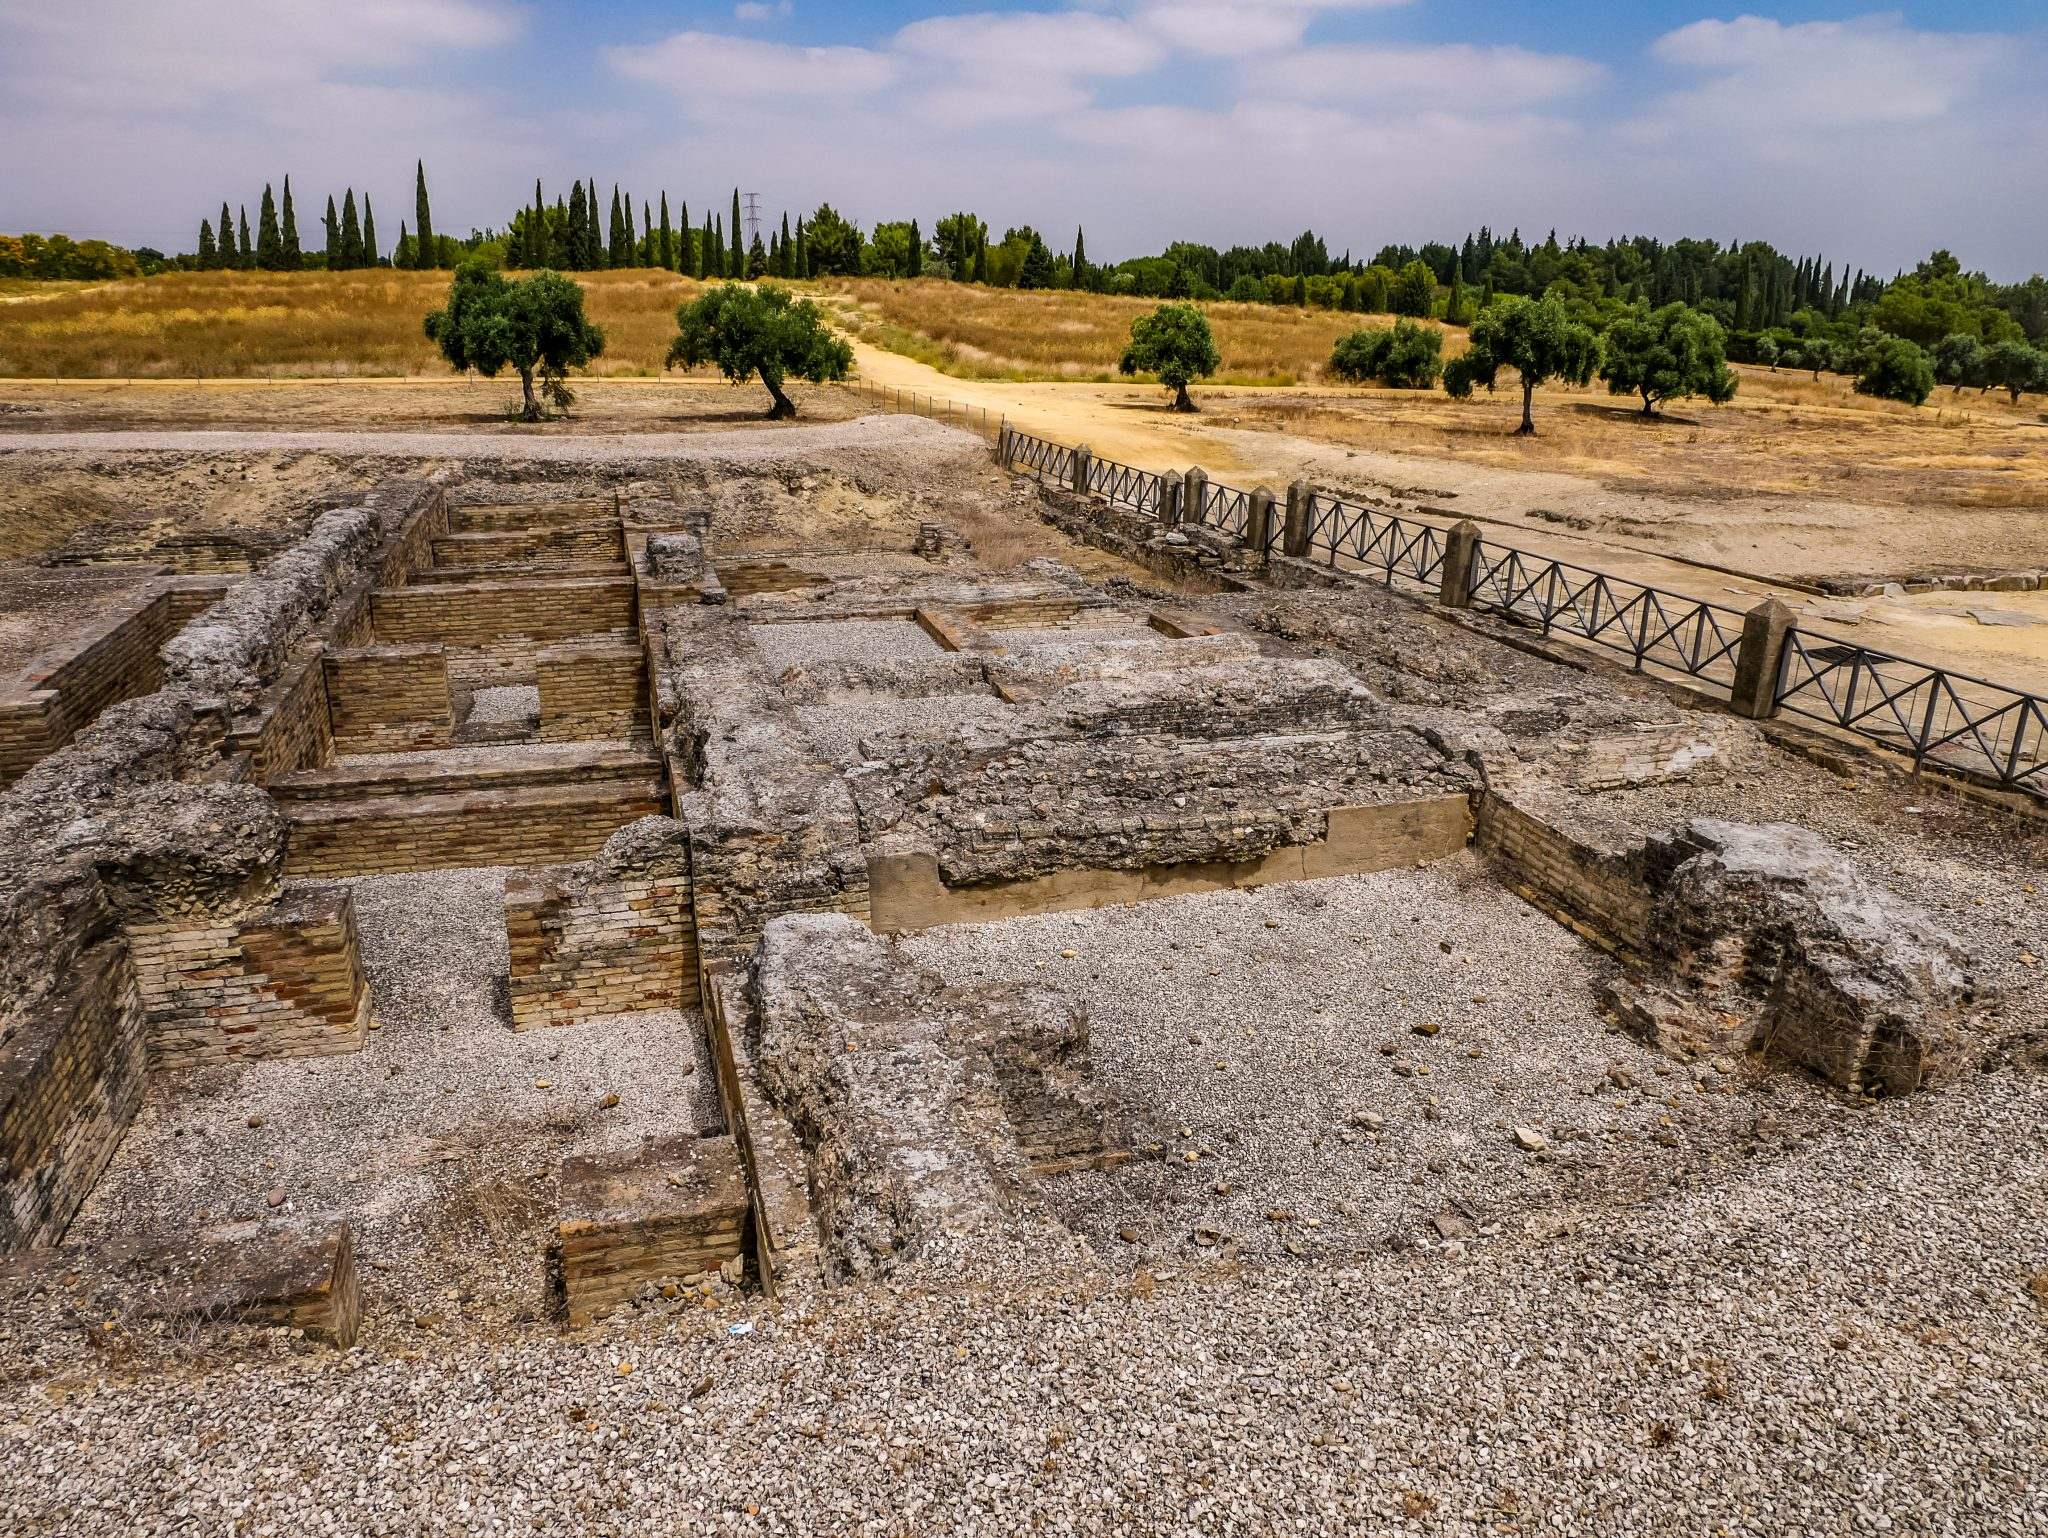 Viele Ruinen von Häusern und Tempeln kannst du in der Römerstadt Itálica entdecken.